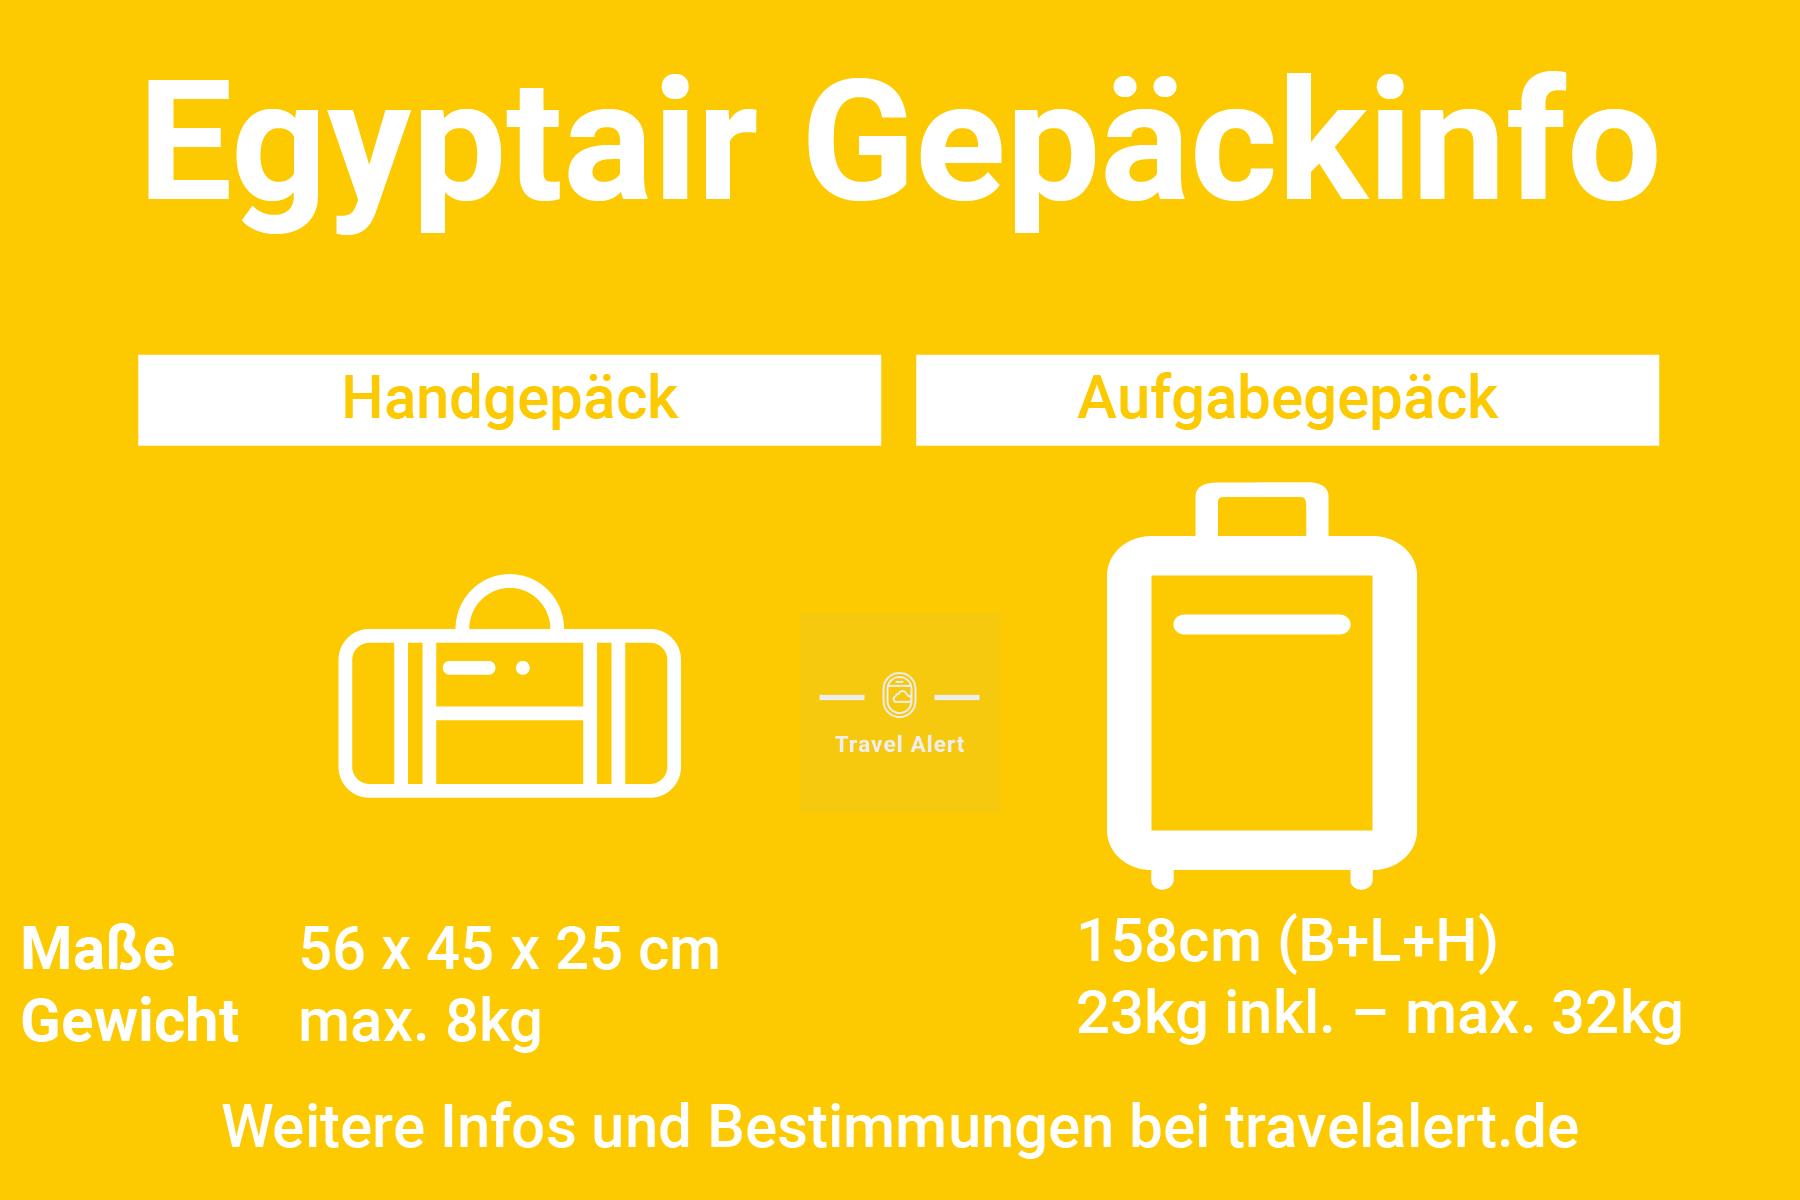 Egyptair Gepäckbestimmungen